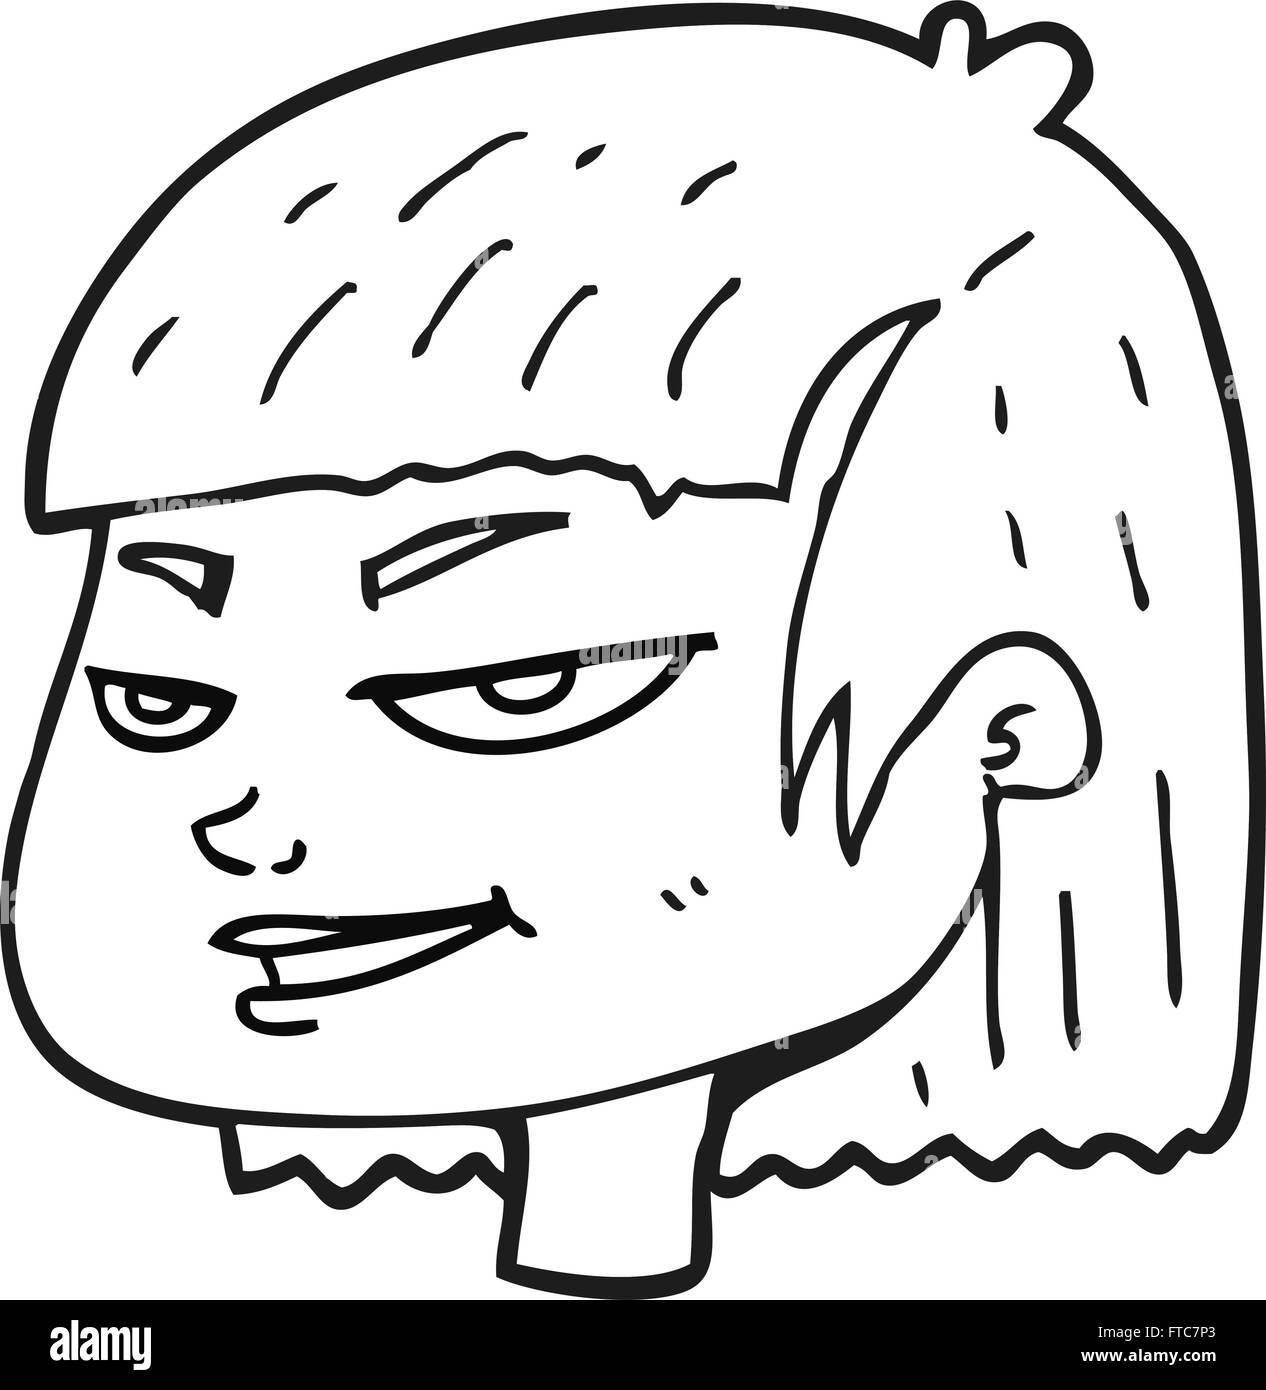 Freihandig Gezeichnete Schwarz Weiss Cartoon Bedeuten Aussehendes